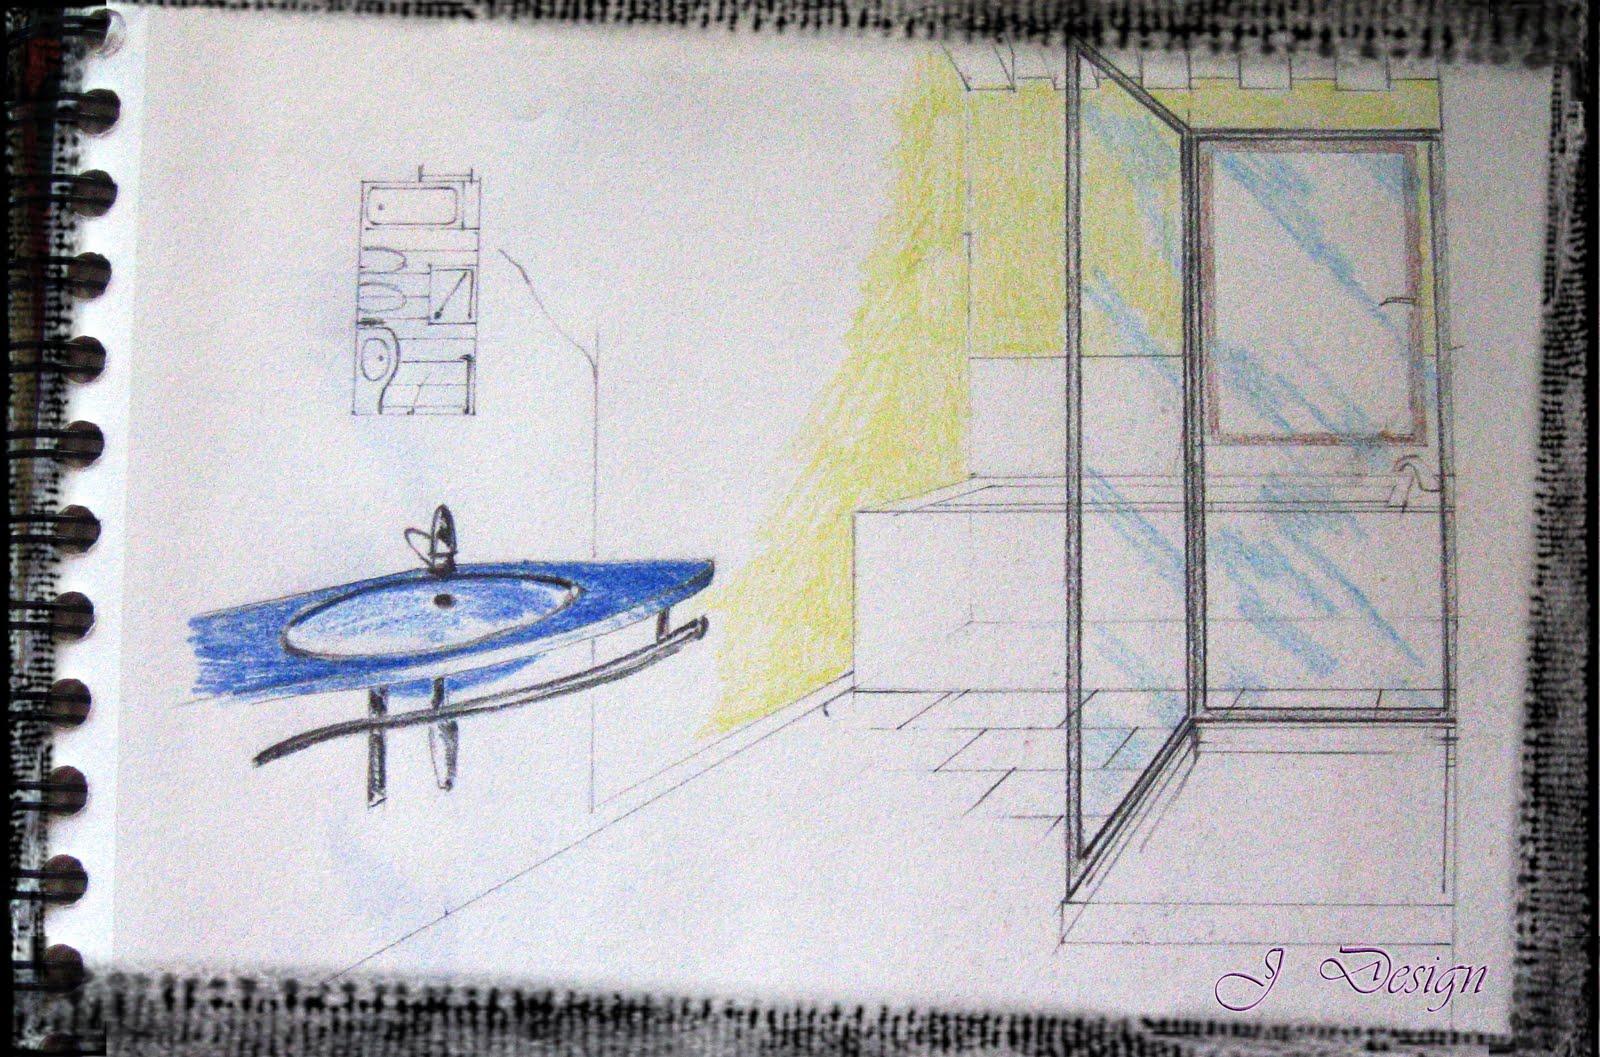 bozze arredi e finiture d'interni. | j26 design - Arredamento Interni Wikipedia